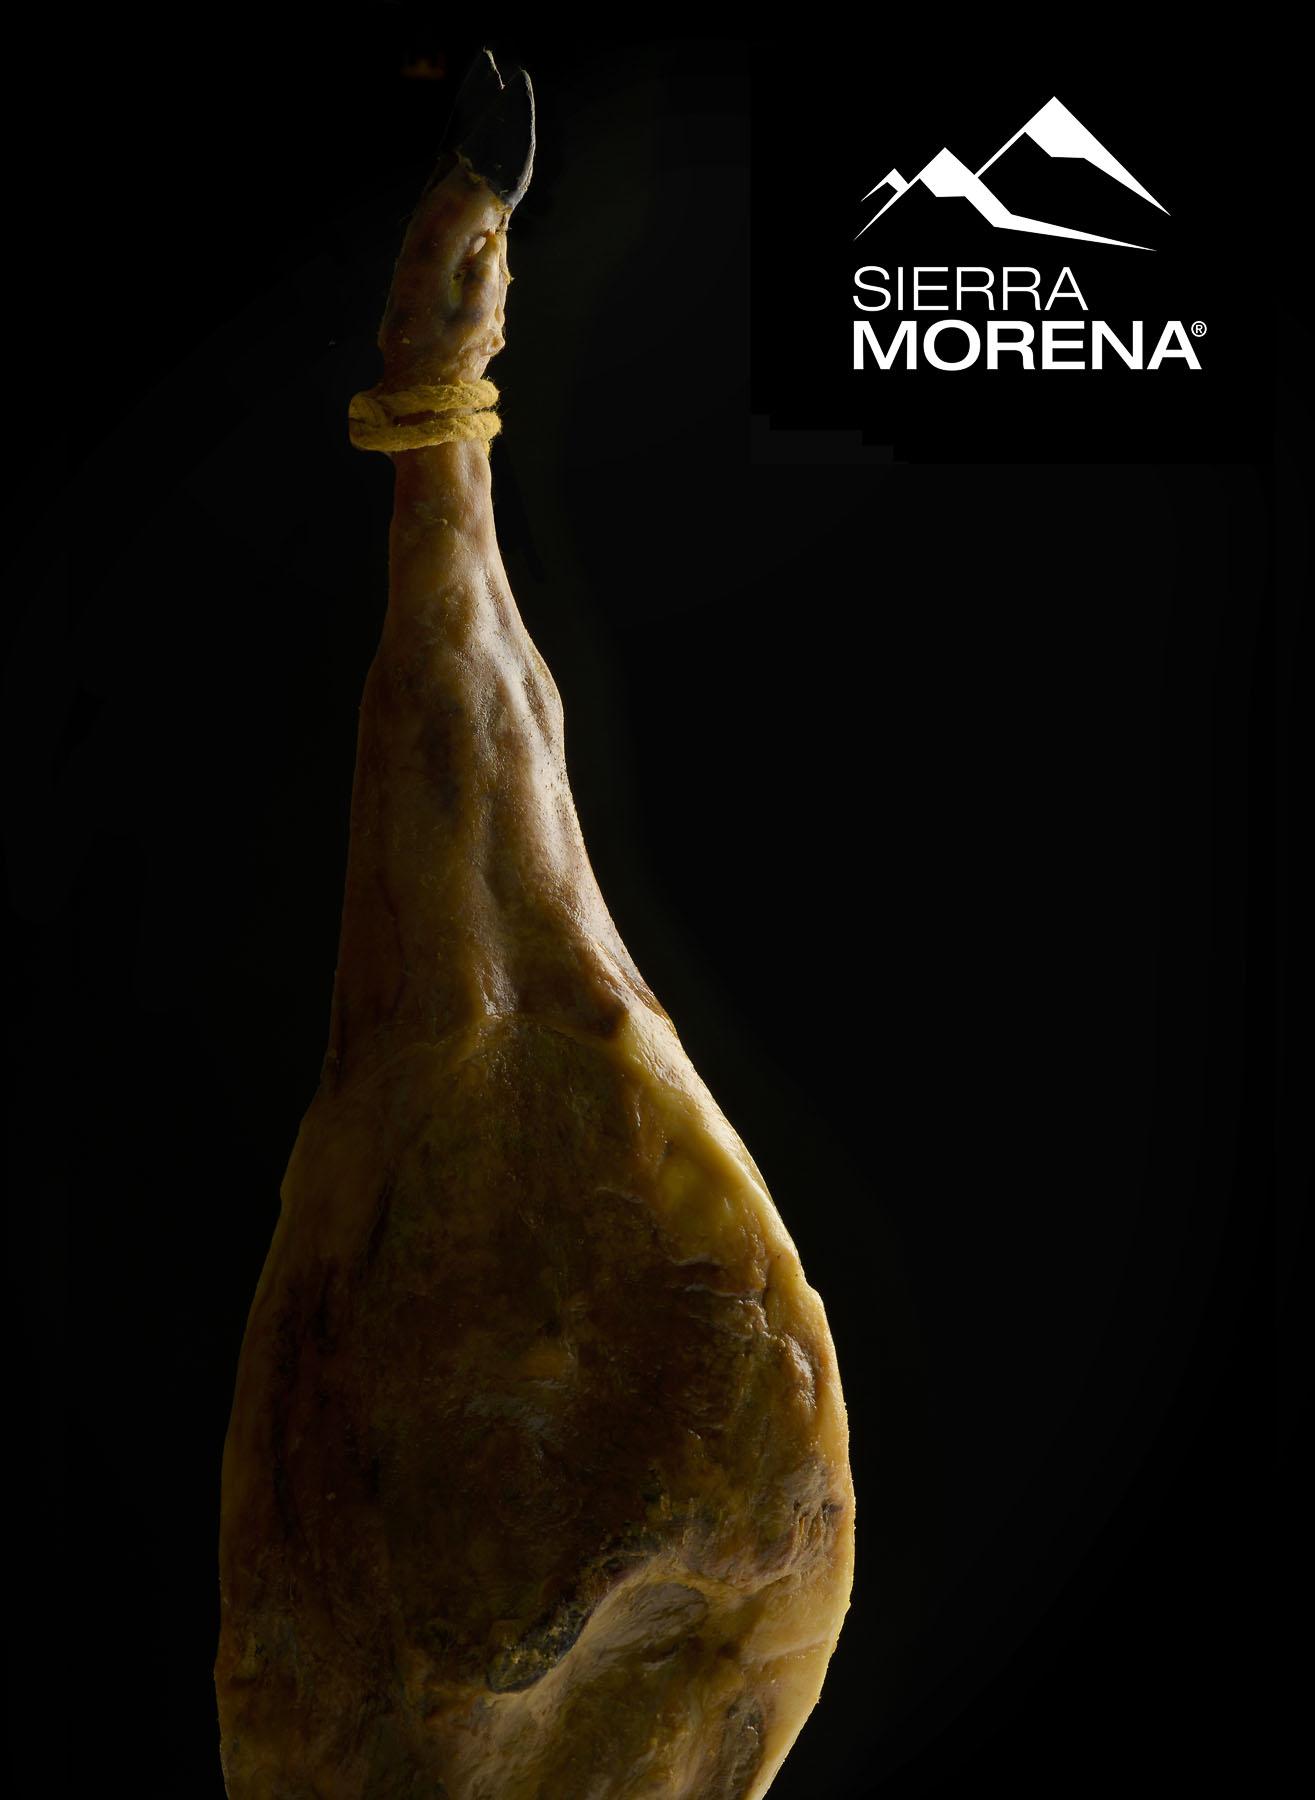 ramon-vaquero_alimentacion_sierramorena-7